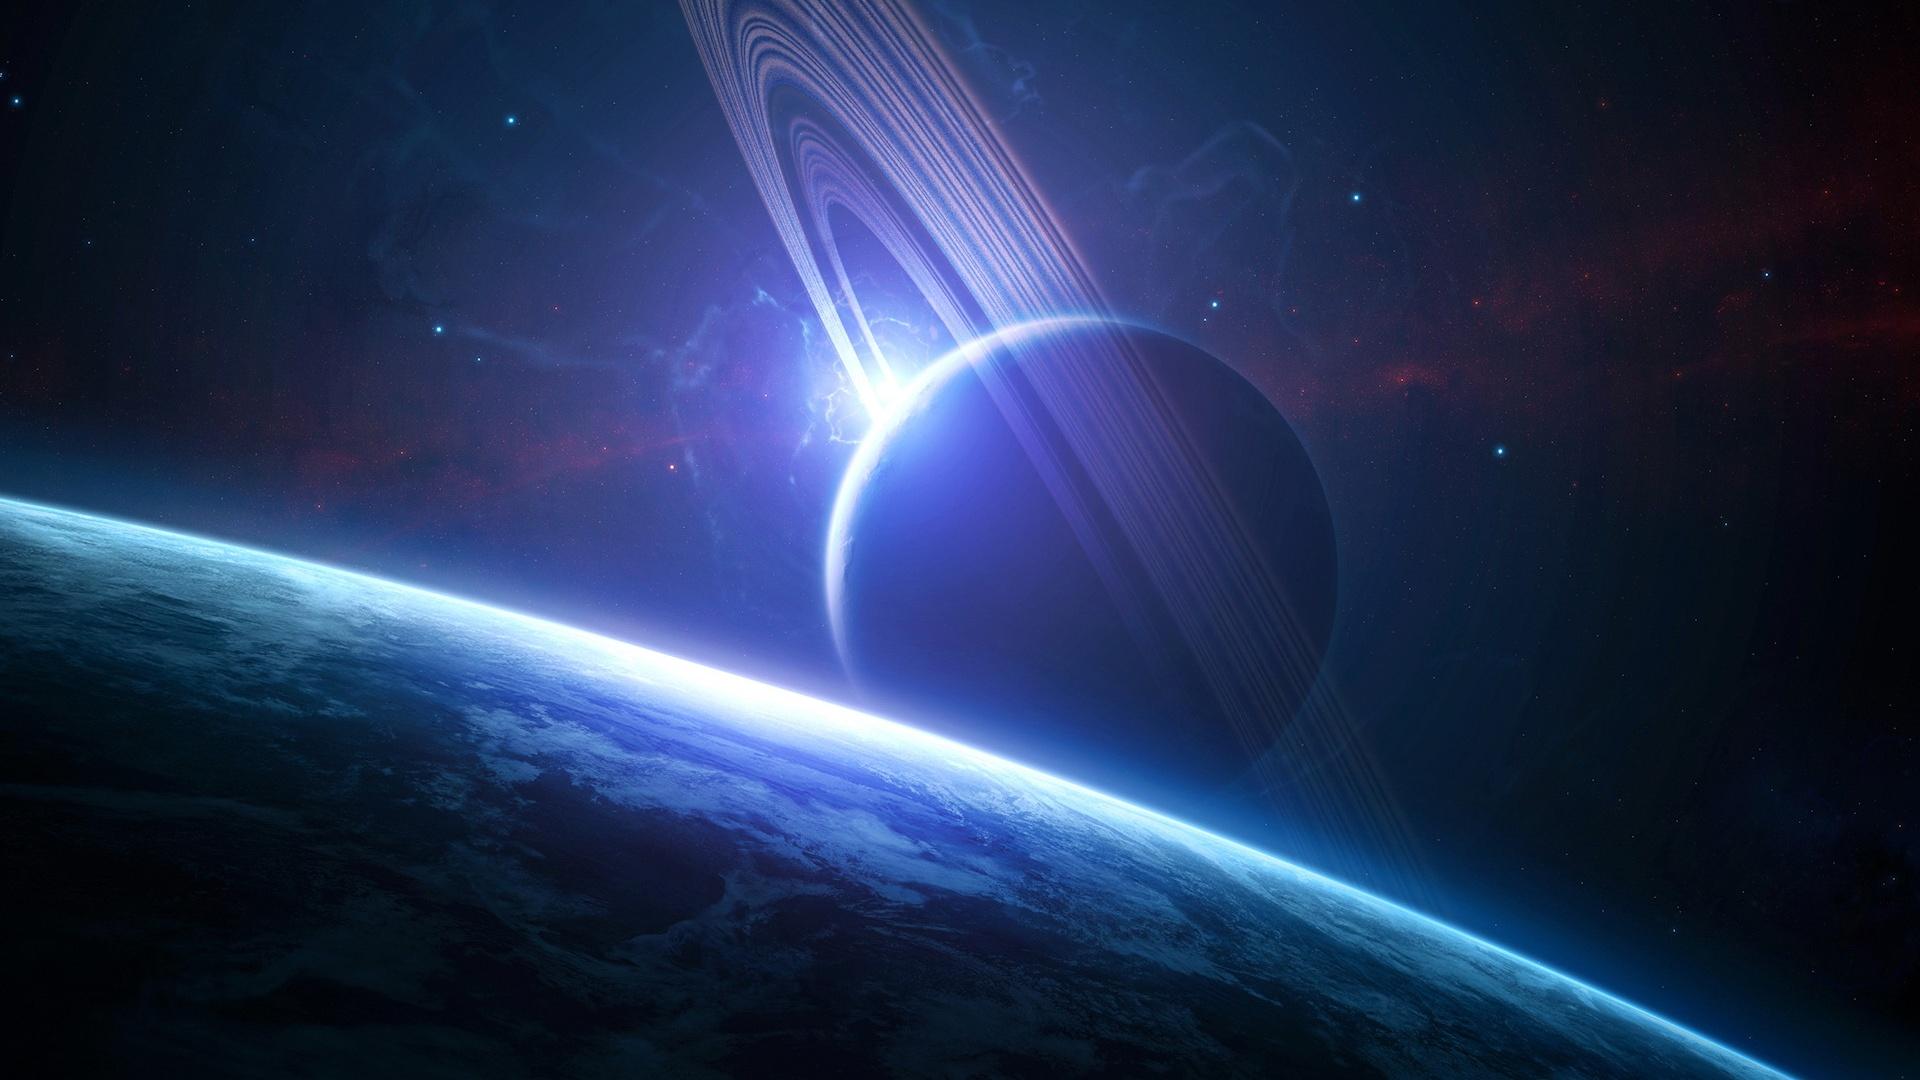 fond ecran : anneaux de saturne id :  rubrique de l'image